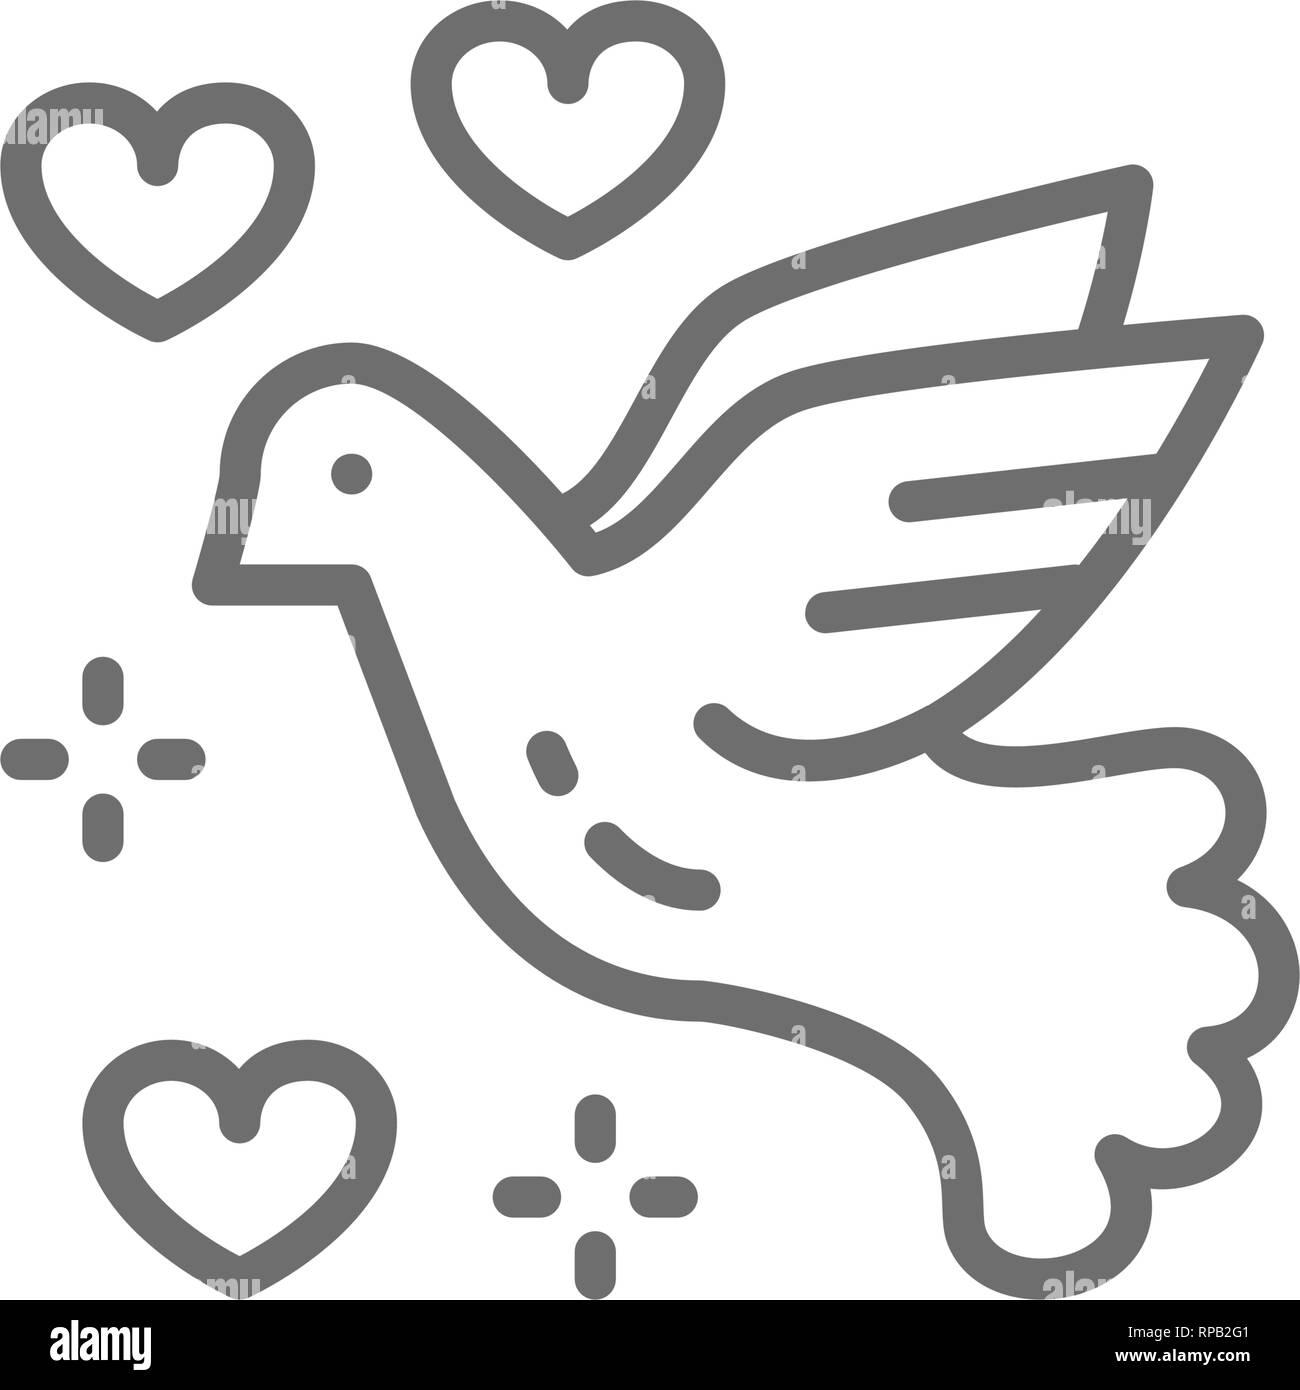 Colombe de la paix, l'amour des oiseaux, pigeon, l'icône de la ligne du pacifisme. Photo Stock